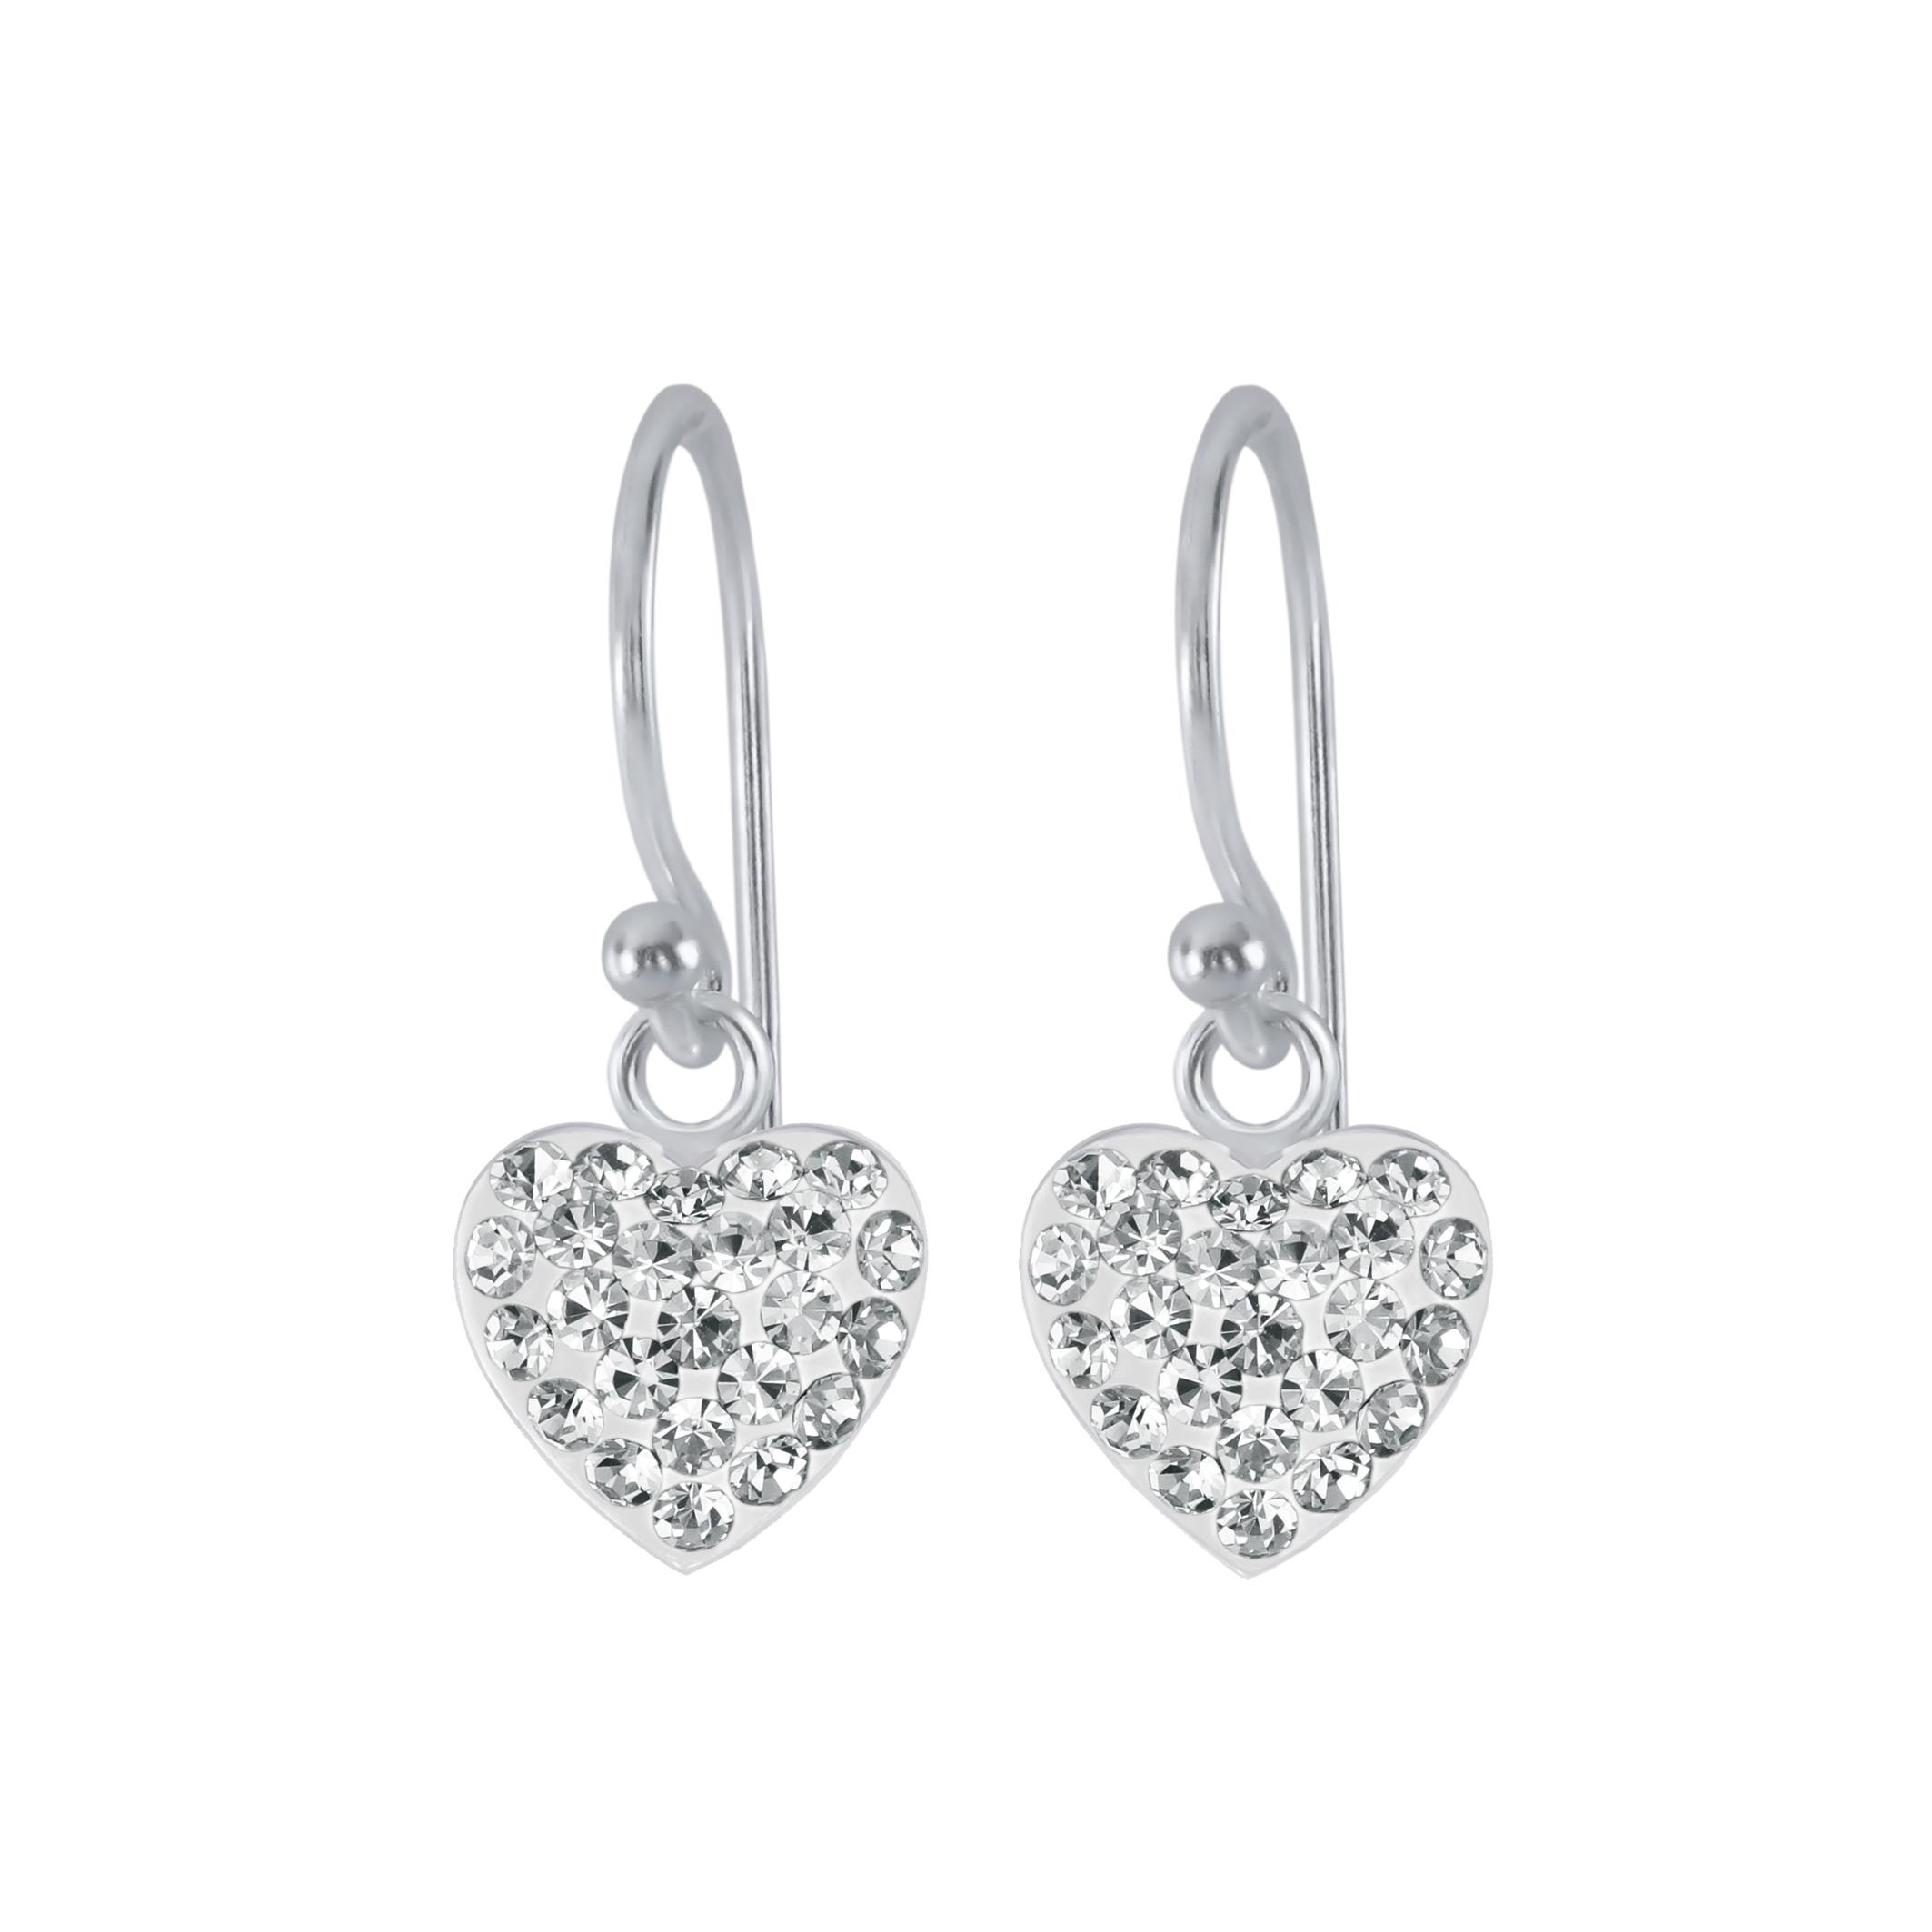 Whole Silver Heart Earrings